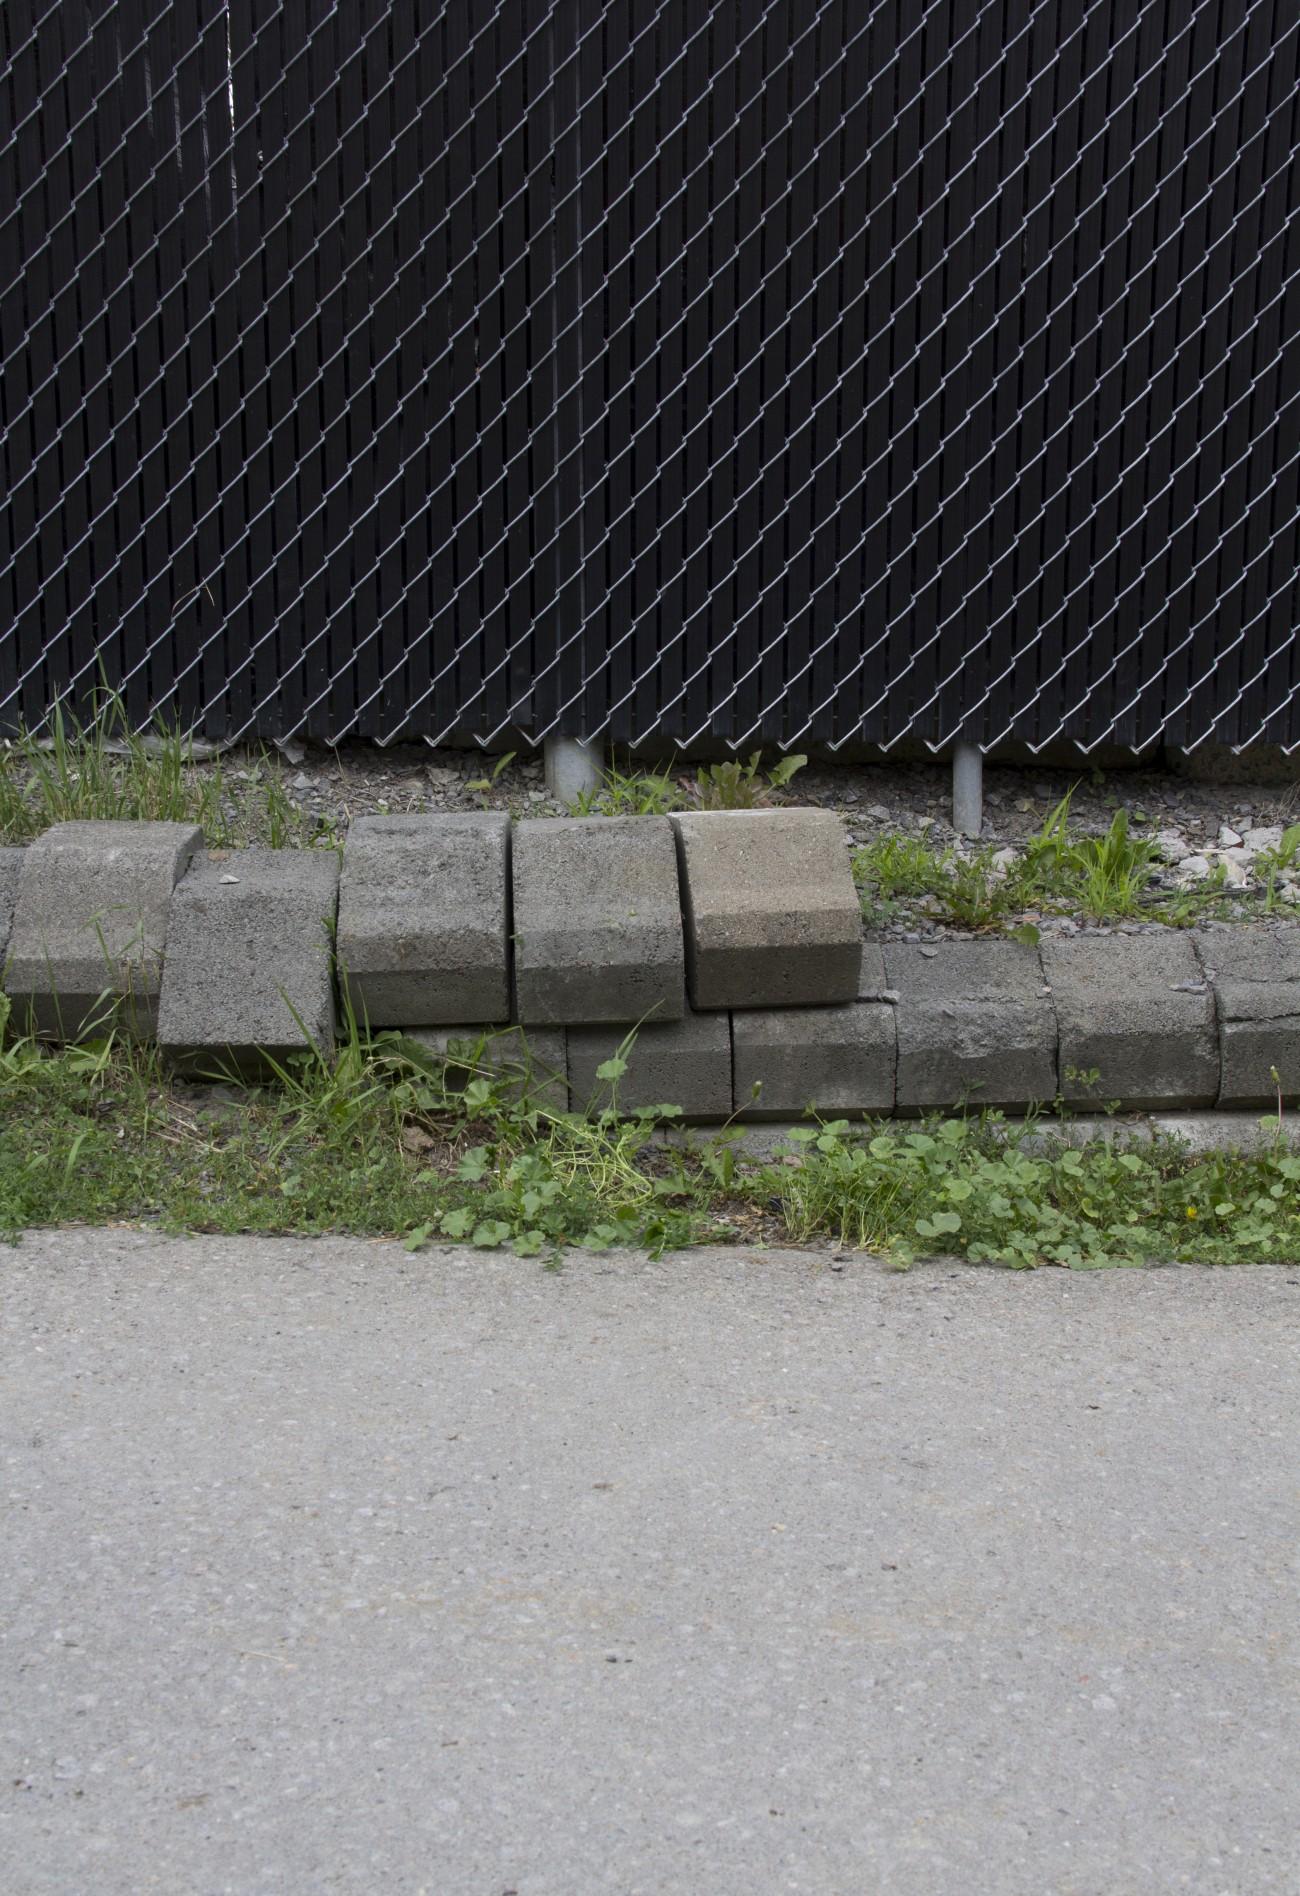 Steve Giasson. Performance invisible n° 6 (Remettre une pierre à sa place (dans un mur, dans un trottoir, dans un lac).) Performeur : Steve Giasson. Crédit photographique : Daniel Roy. 27 juin 2015.